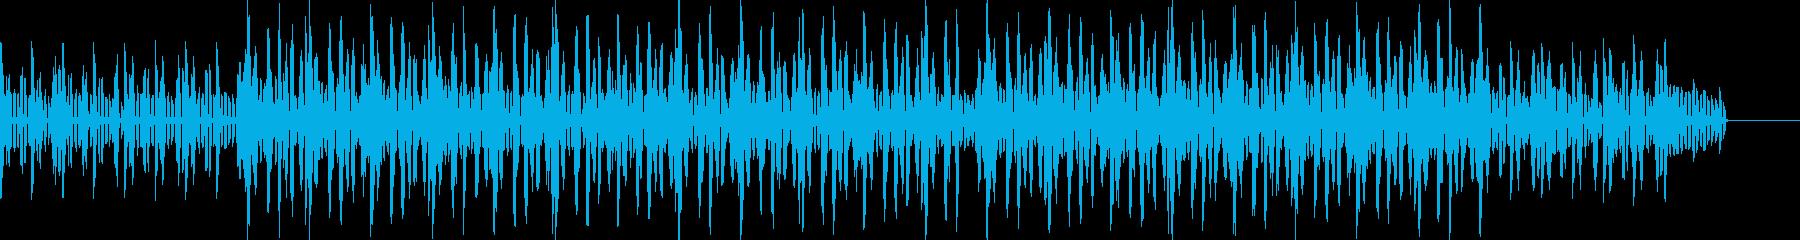 リラックスしたメロウなHIPHOPの再生済みの波形